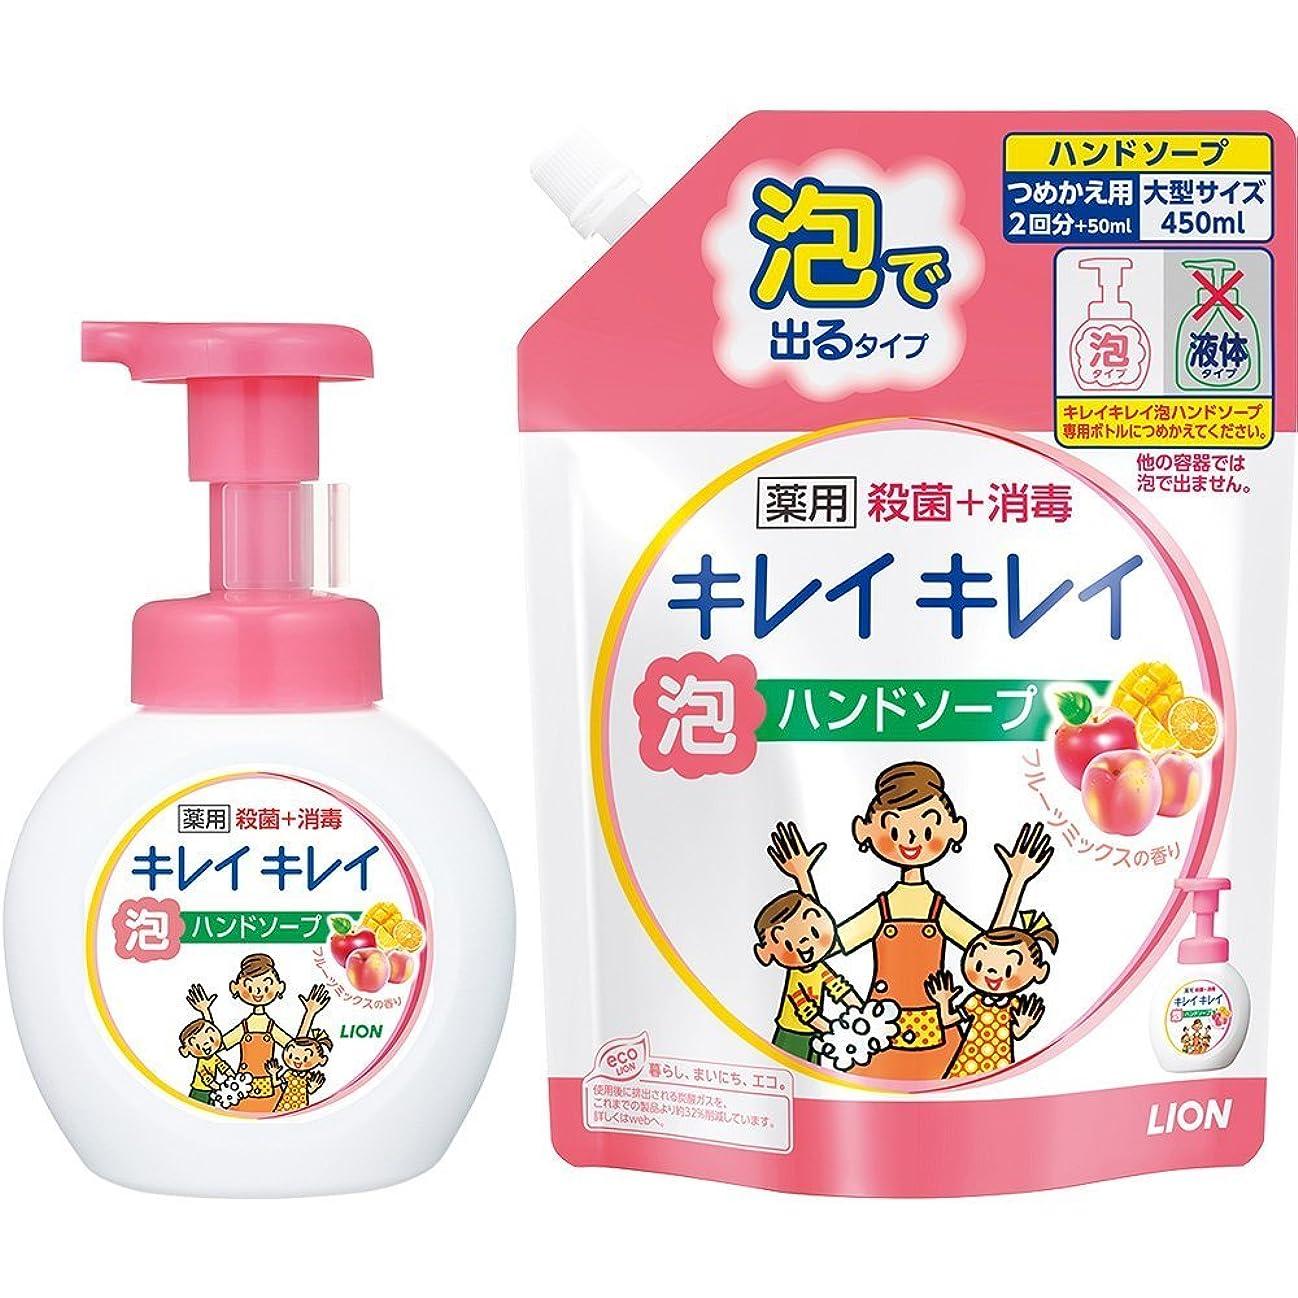 邪魔する温かい通常キレイキレイ 薬用 泡ハンドソープ フルーツミックスの香り 本体ポンプ250ml+詰め替え450ml(医薬部外品)